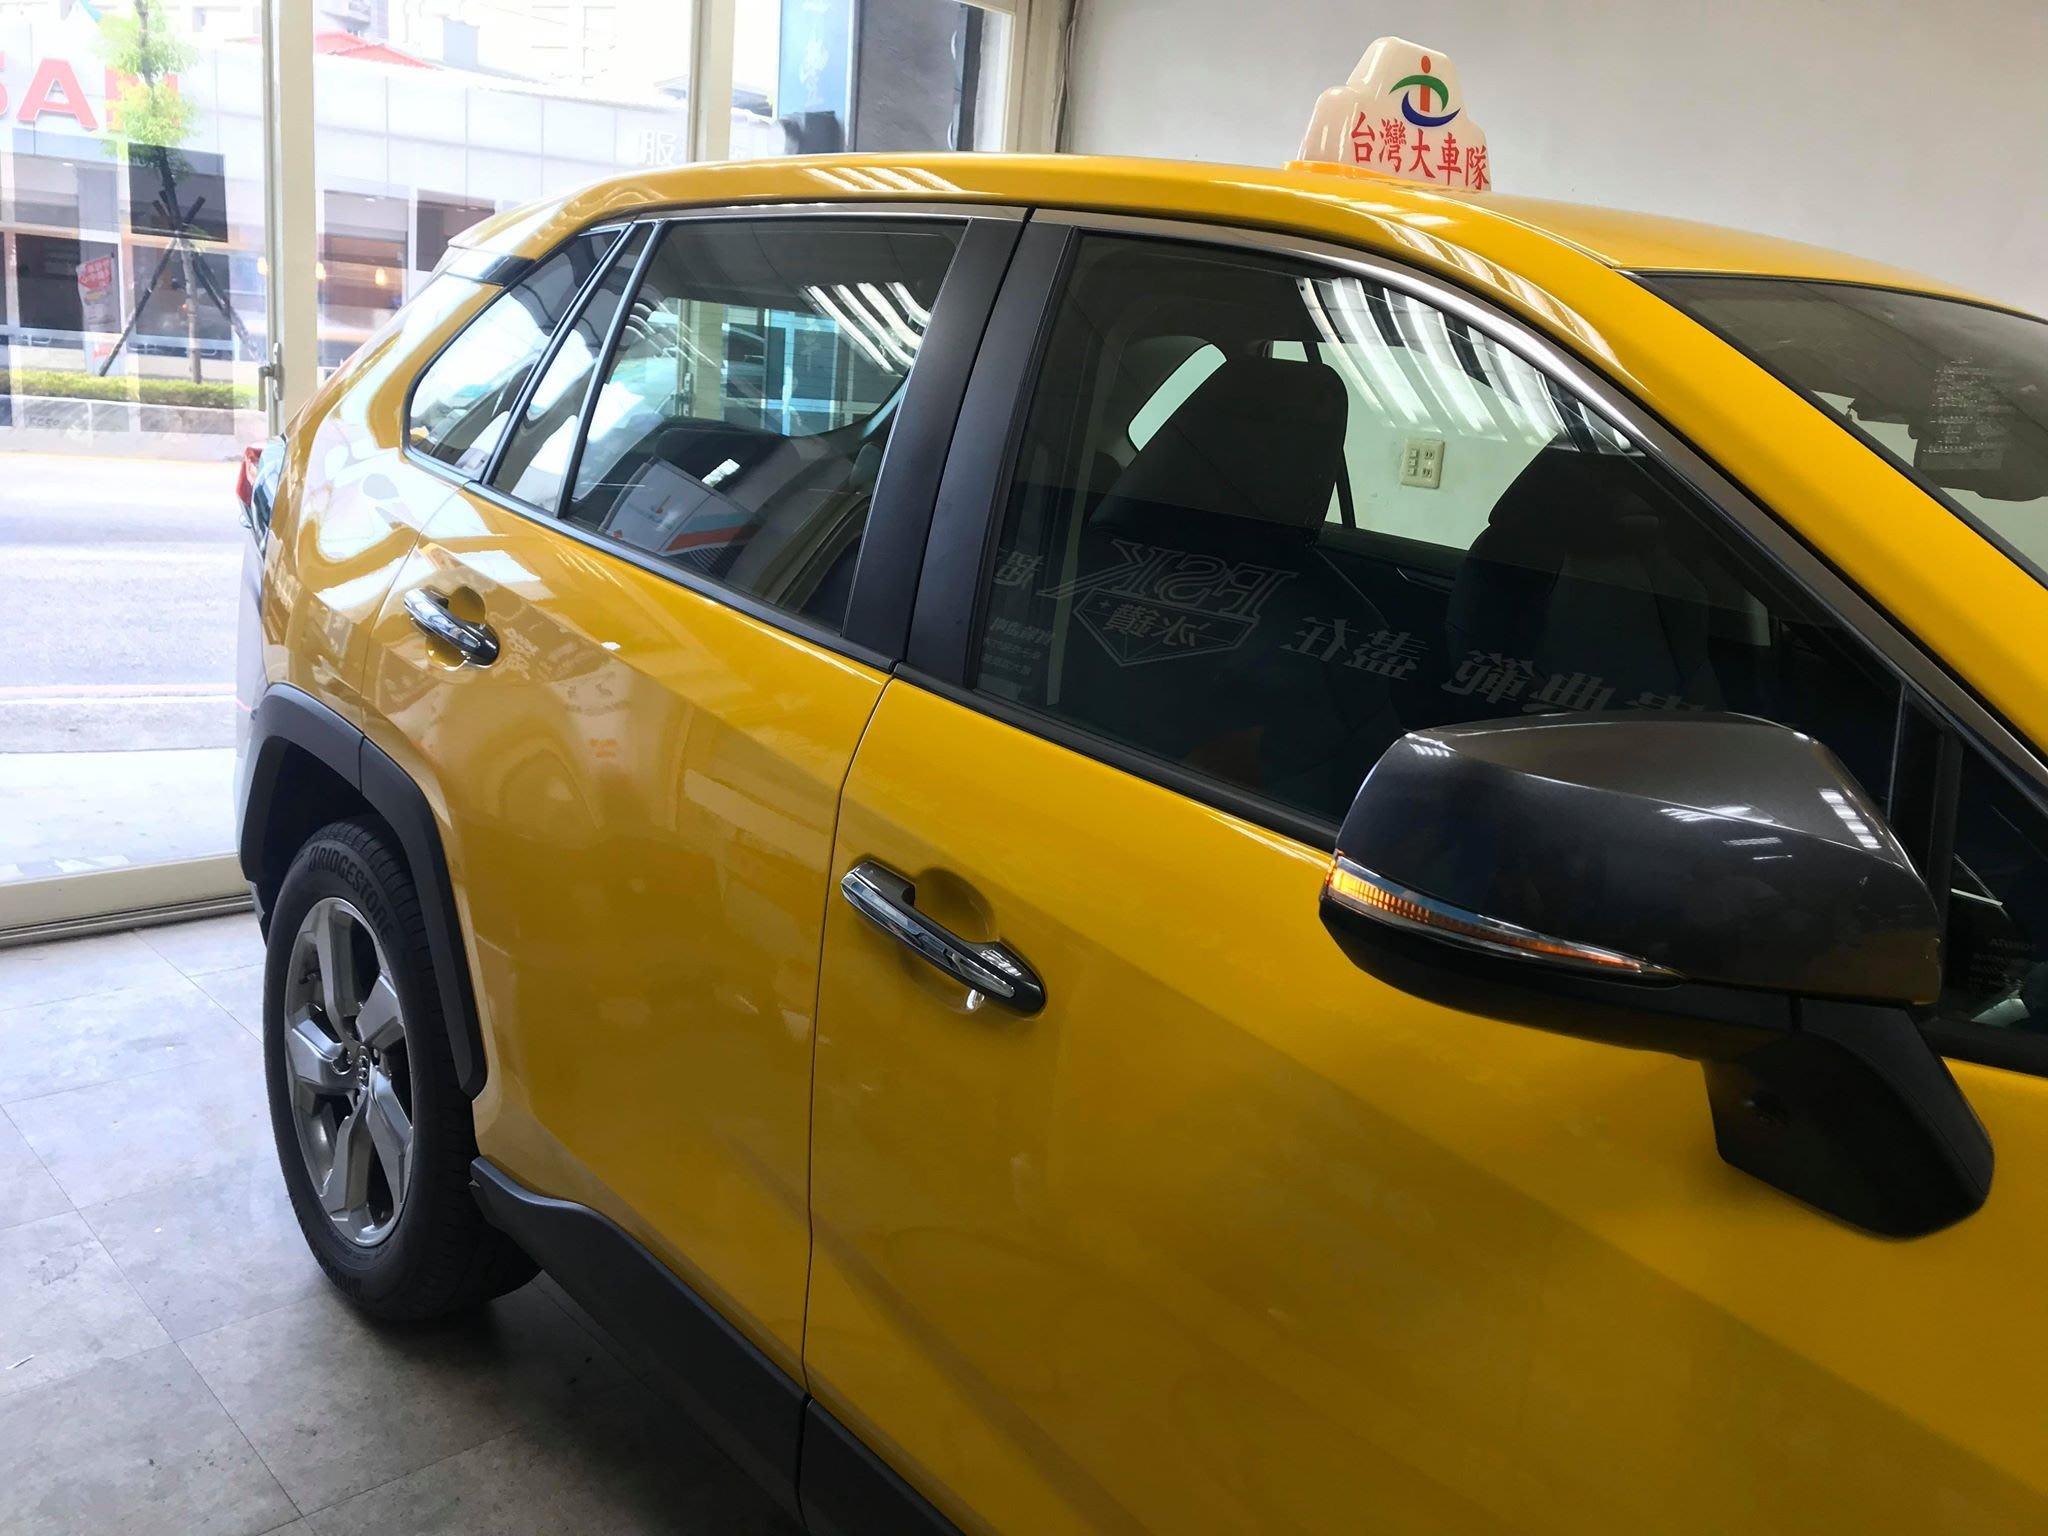 達豐汽車大樓隔熱紙 專貼小黃跟多元計程車 透光70% 一般轎車 前檔+車身4片含後檔完工價4200大特價